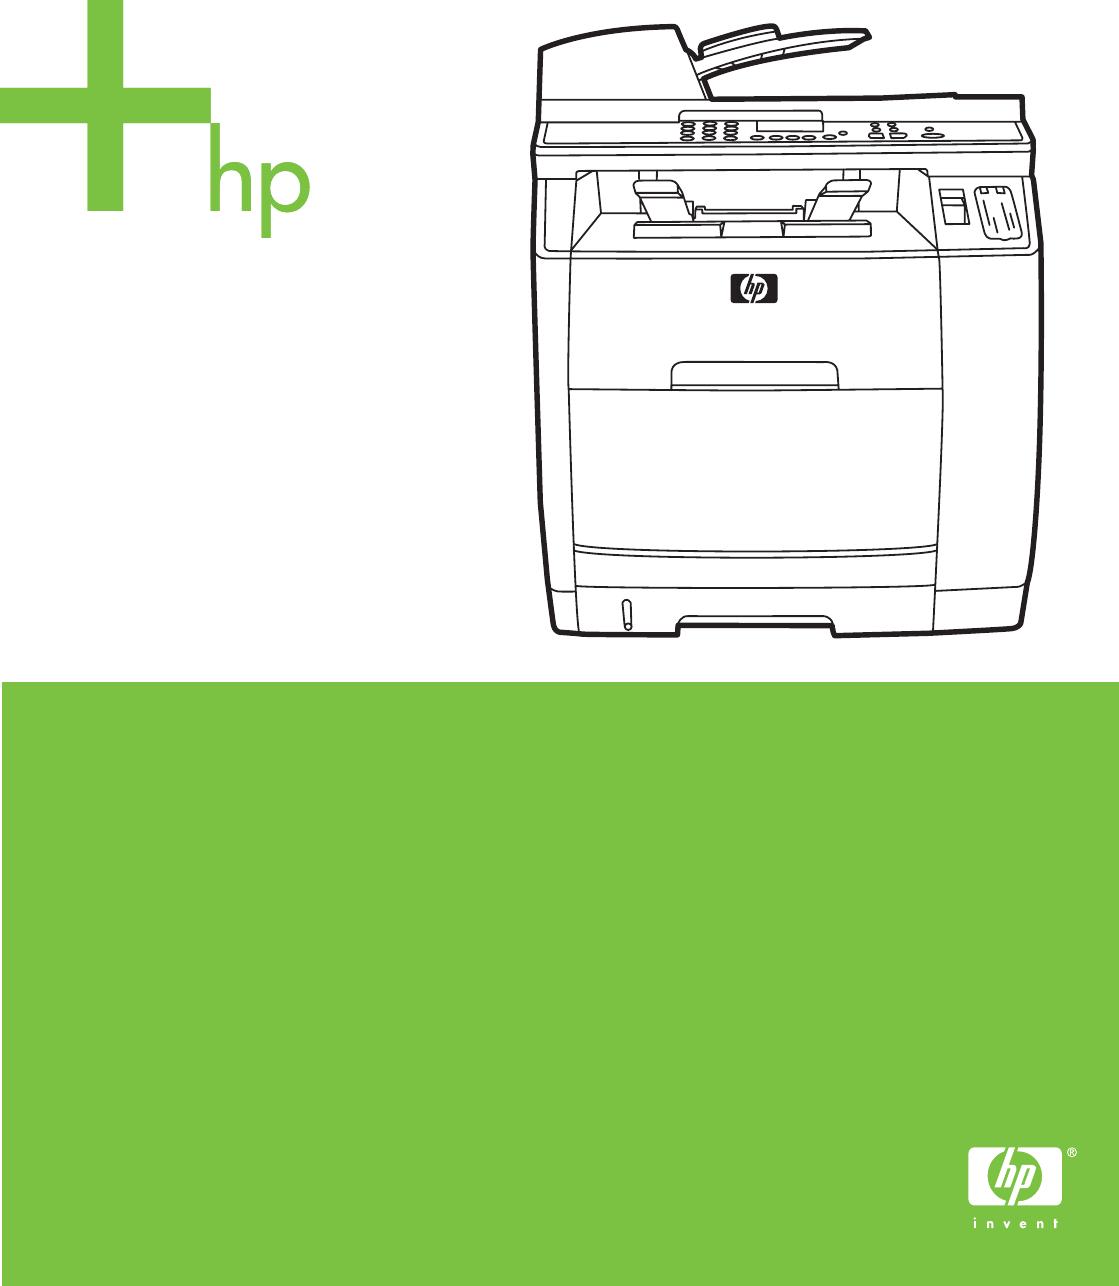 HP Color LaserJet 2820/2830/2840. User Guide. HP Color LaserJet 2820/2830/ 2840 ...